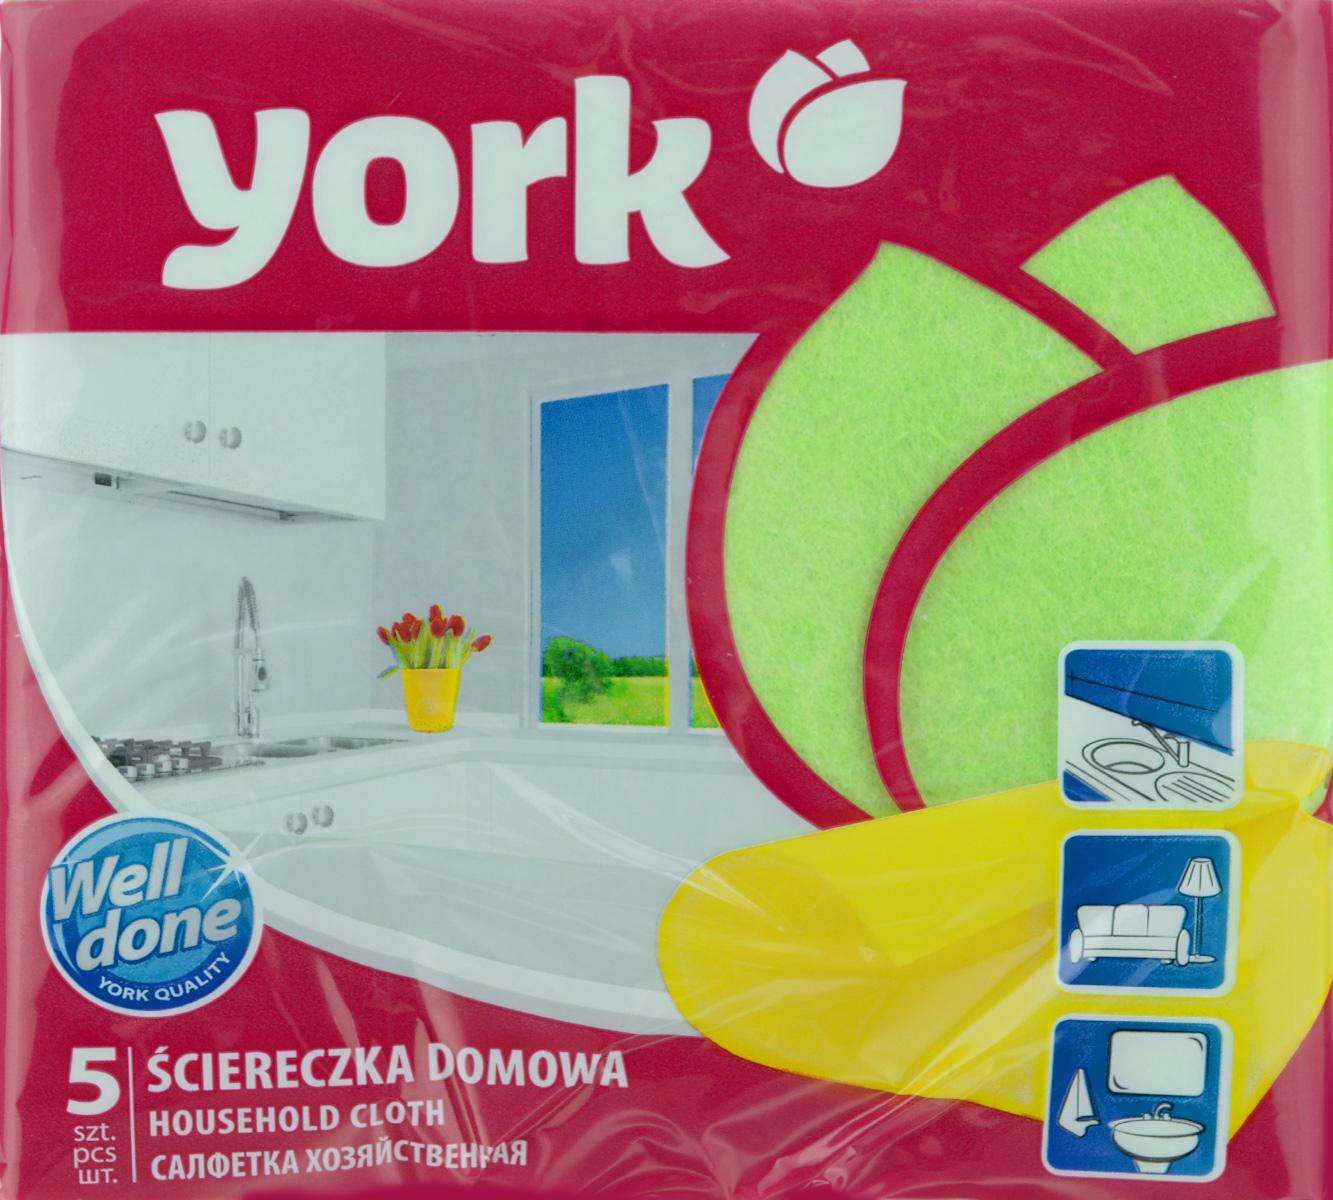 Салфетка хозяйственная York, цвет: зеленый, 35 х 35 см, 5 шт2002_зеленыйУниверсальная салфетка York предназначена для мытья, протирания и полировки. Она выполнена из вискозы с добавлением полипропиленового волокна, отличается высокой прочностью. Хорошо поглощает влагу, эффективно очищает поверхности и не оставляет ворсинок. Идеальна для ухода за столешницами и раковиной на кухне, за стеклом и зеркалами, деревянной мебелью. Может использоваться в сухом и влажном виде.В комплект входят 5 салфеток.